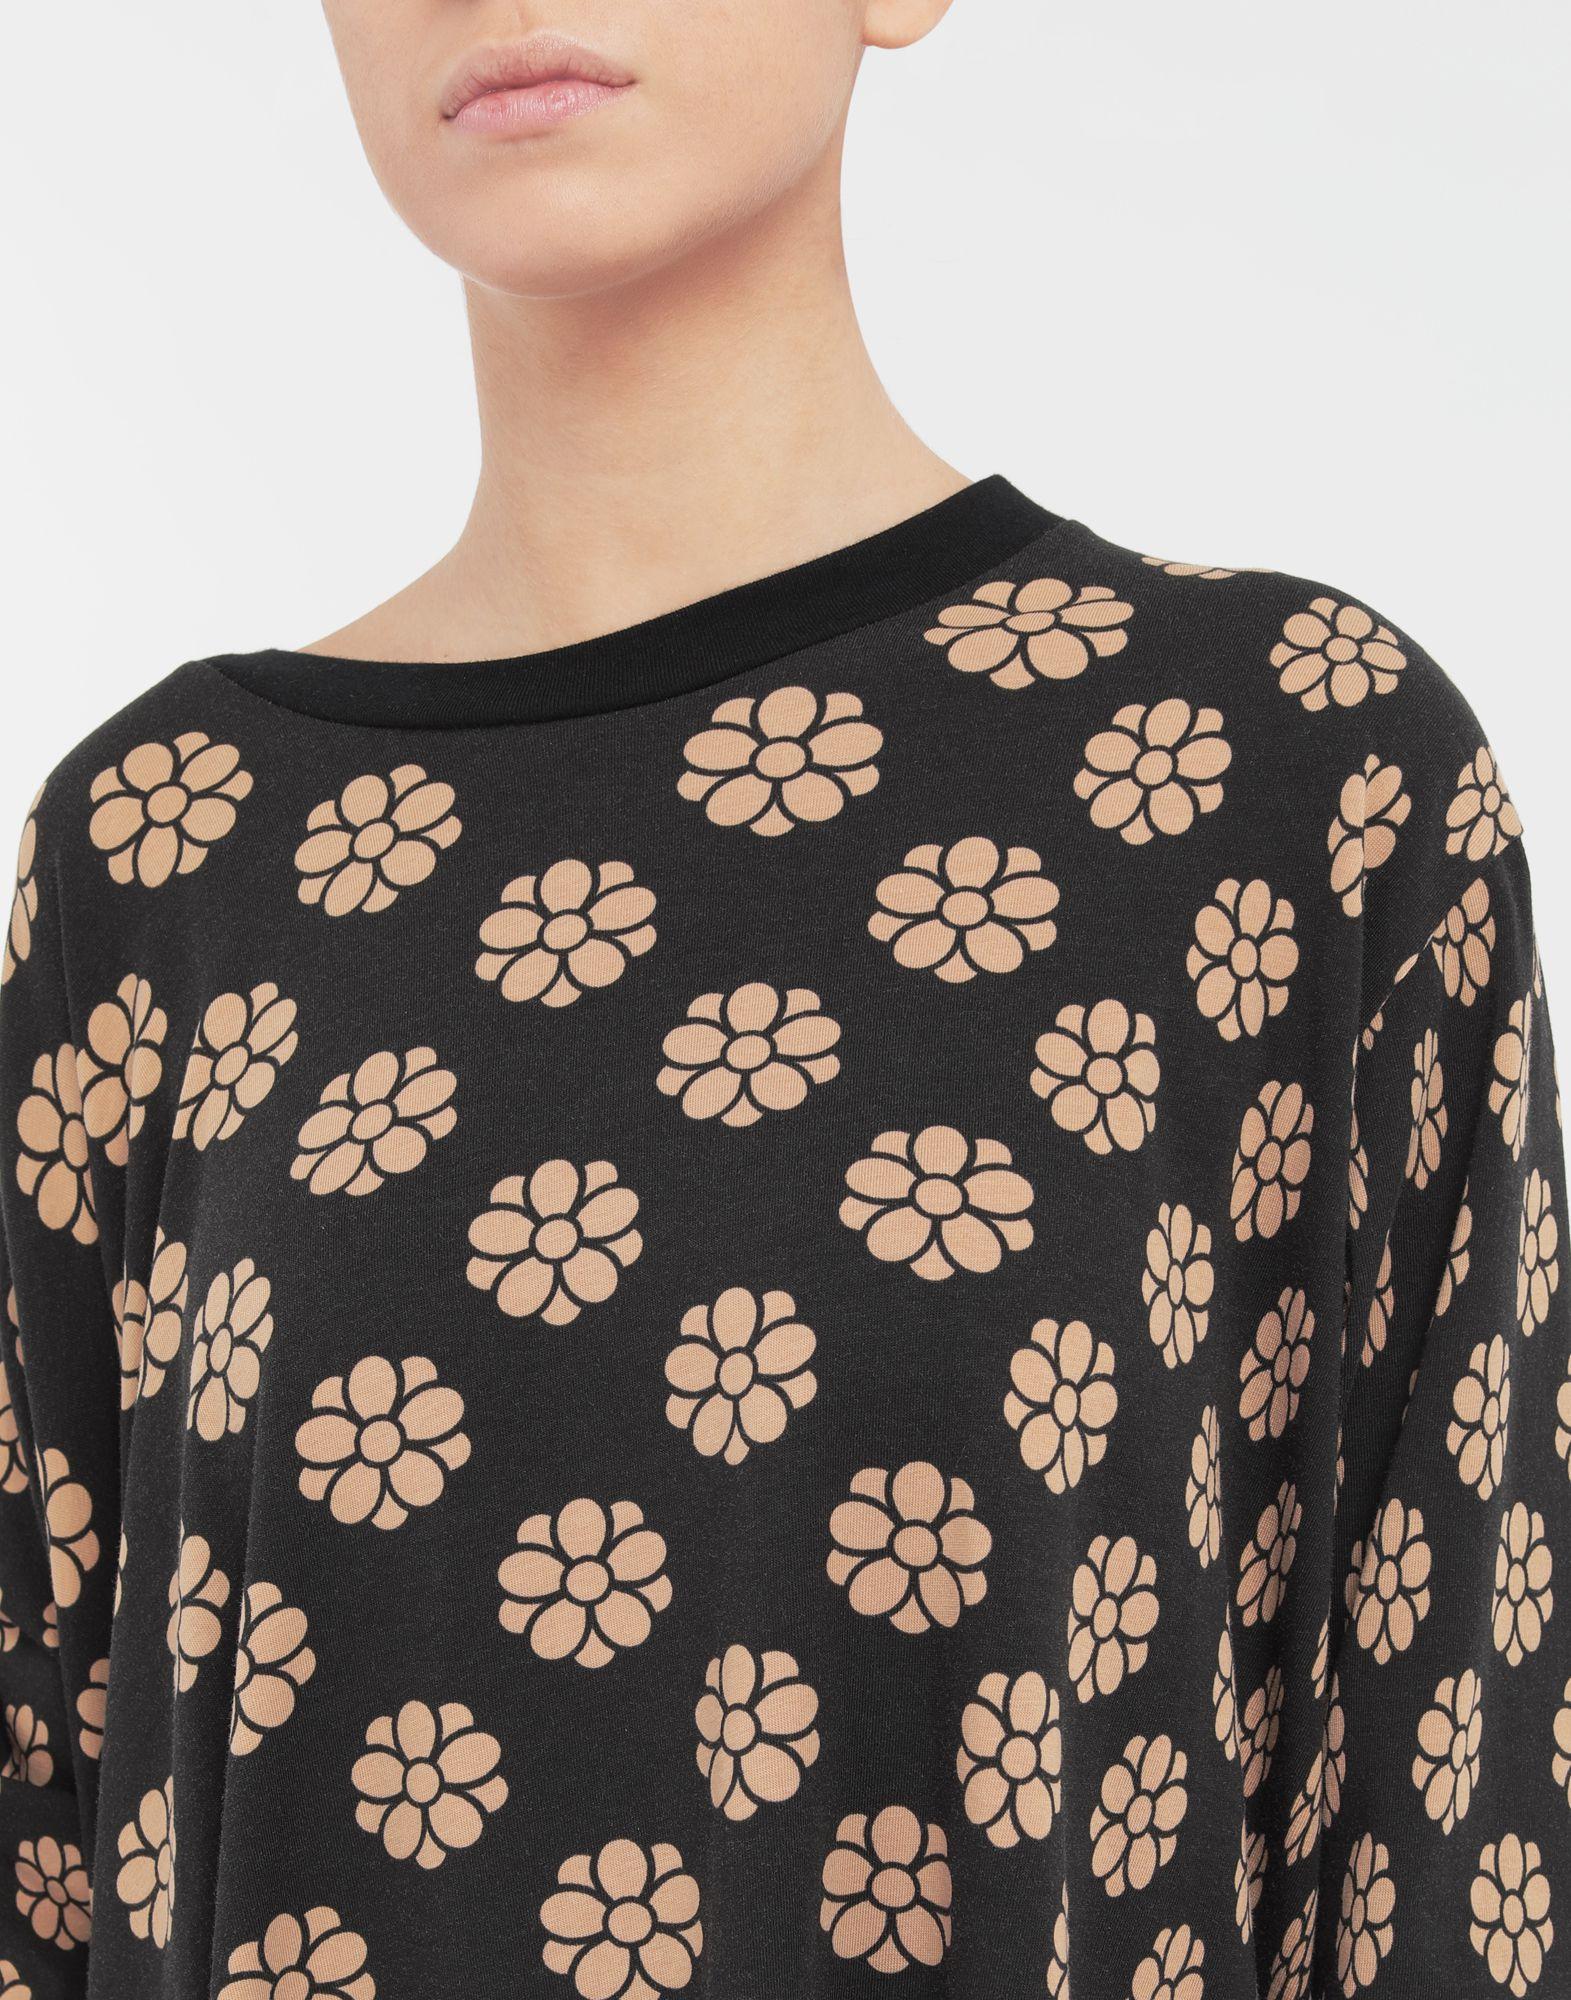 MM6 MAISON MARGIELA Polka dot flower-print shirt dress Short dress Woman a